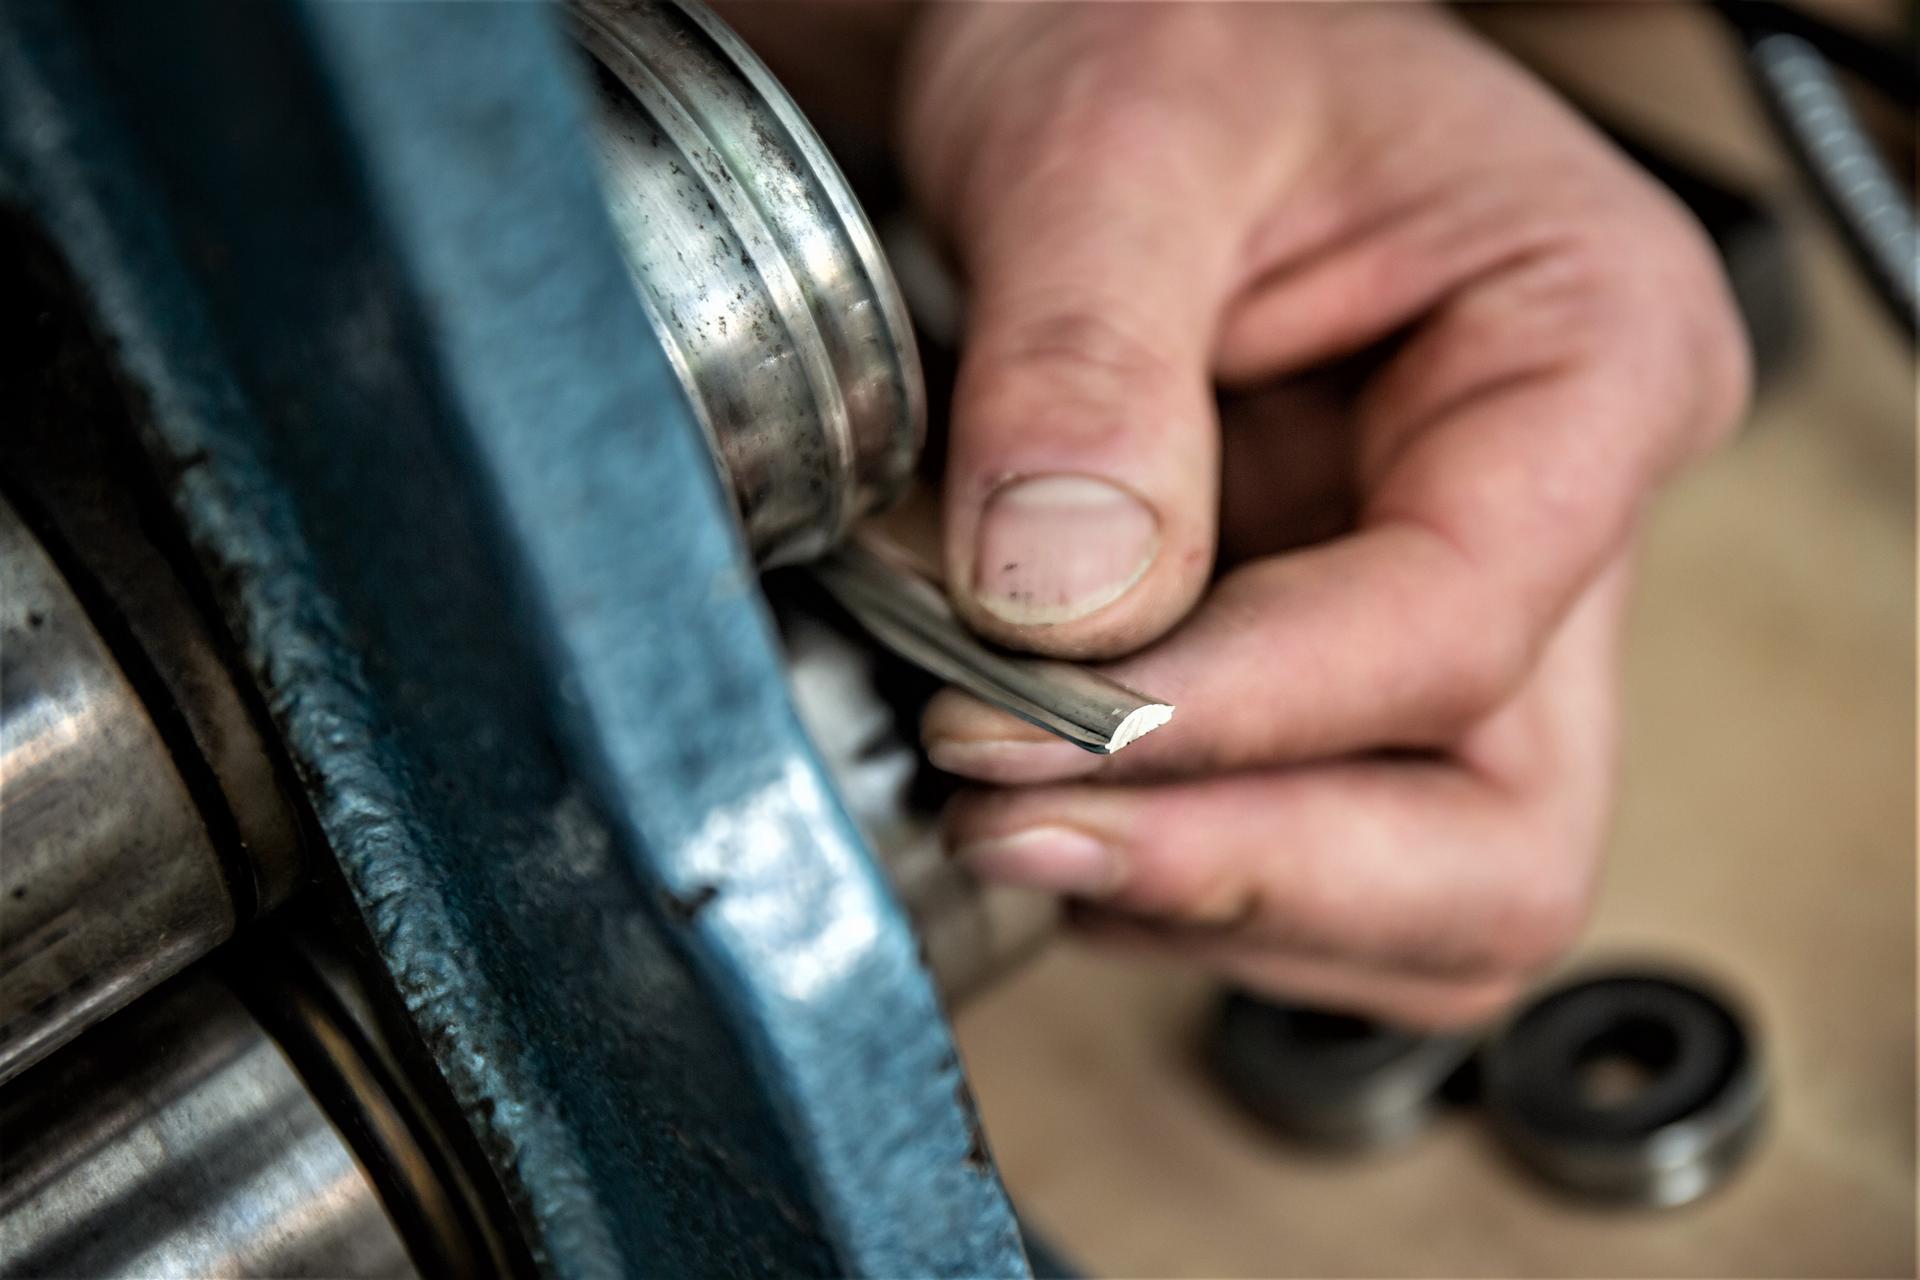 Jak vznikají kované snubní prsteny v rodinném atelieru DALOO - VÁLCOVÁNÍ -Kování snubních prstenů  v rodinném šperkařském atelieru DALOO https://daloo.cz/snubni-prsteny/snubni-prsteny-struktur.html